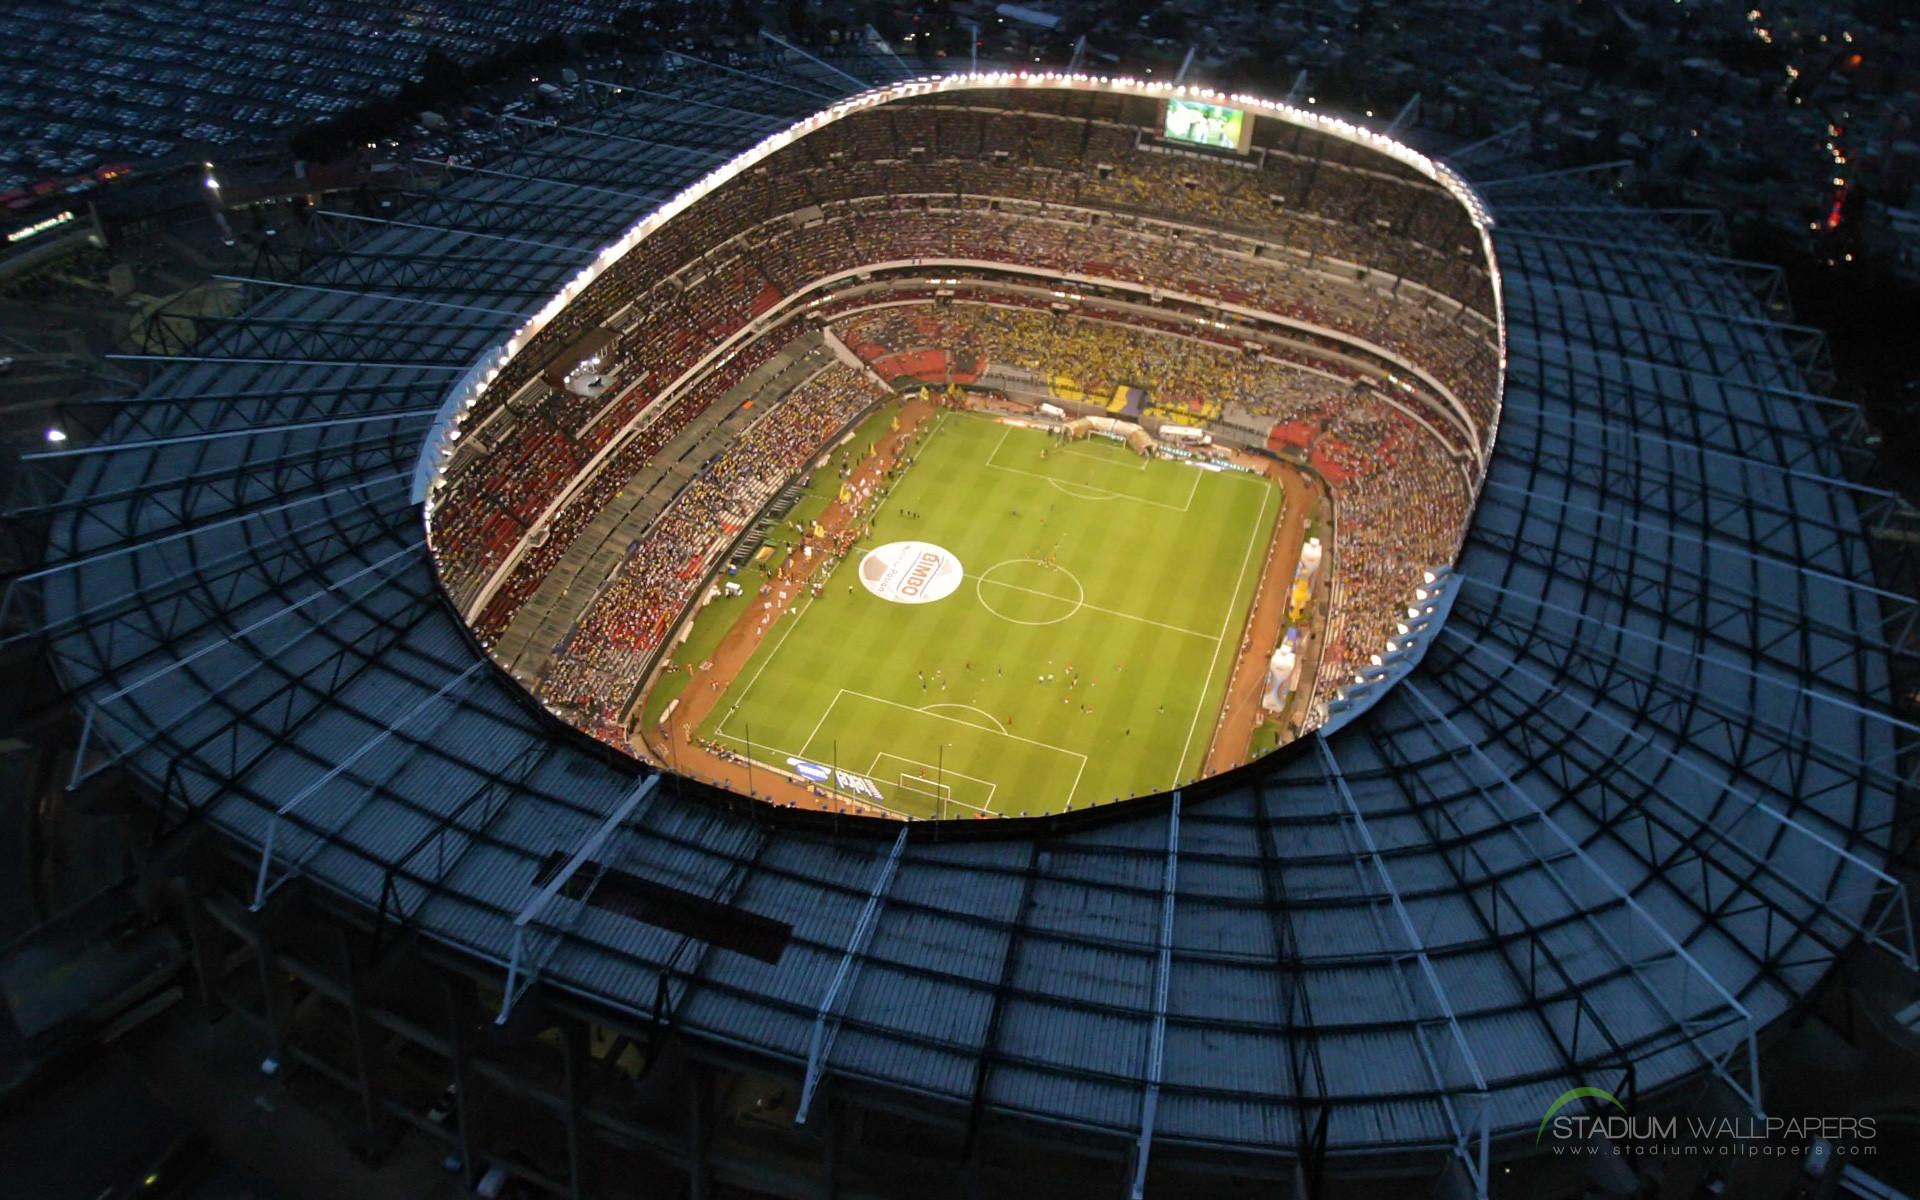 Estadio Azteca Mexico HD Widescreen Wallpaper · Soccer StadiumFootball …